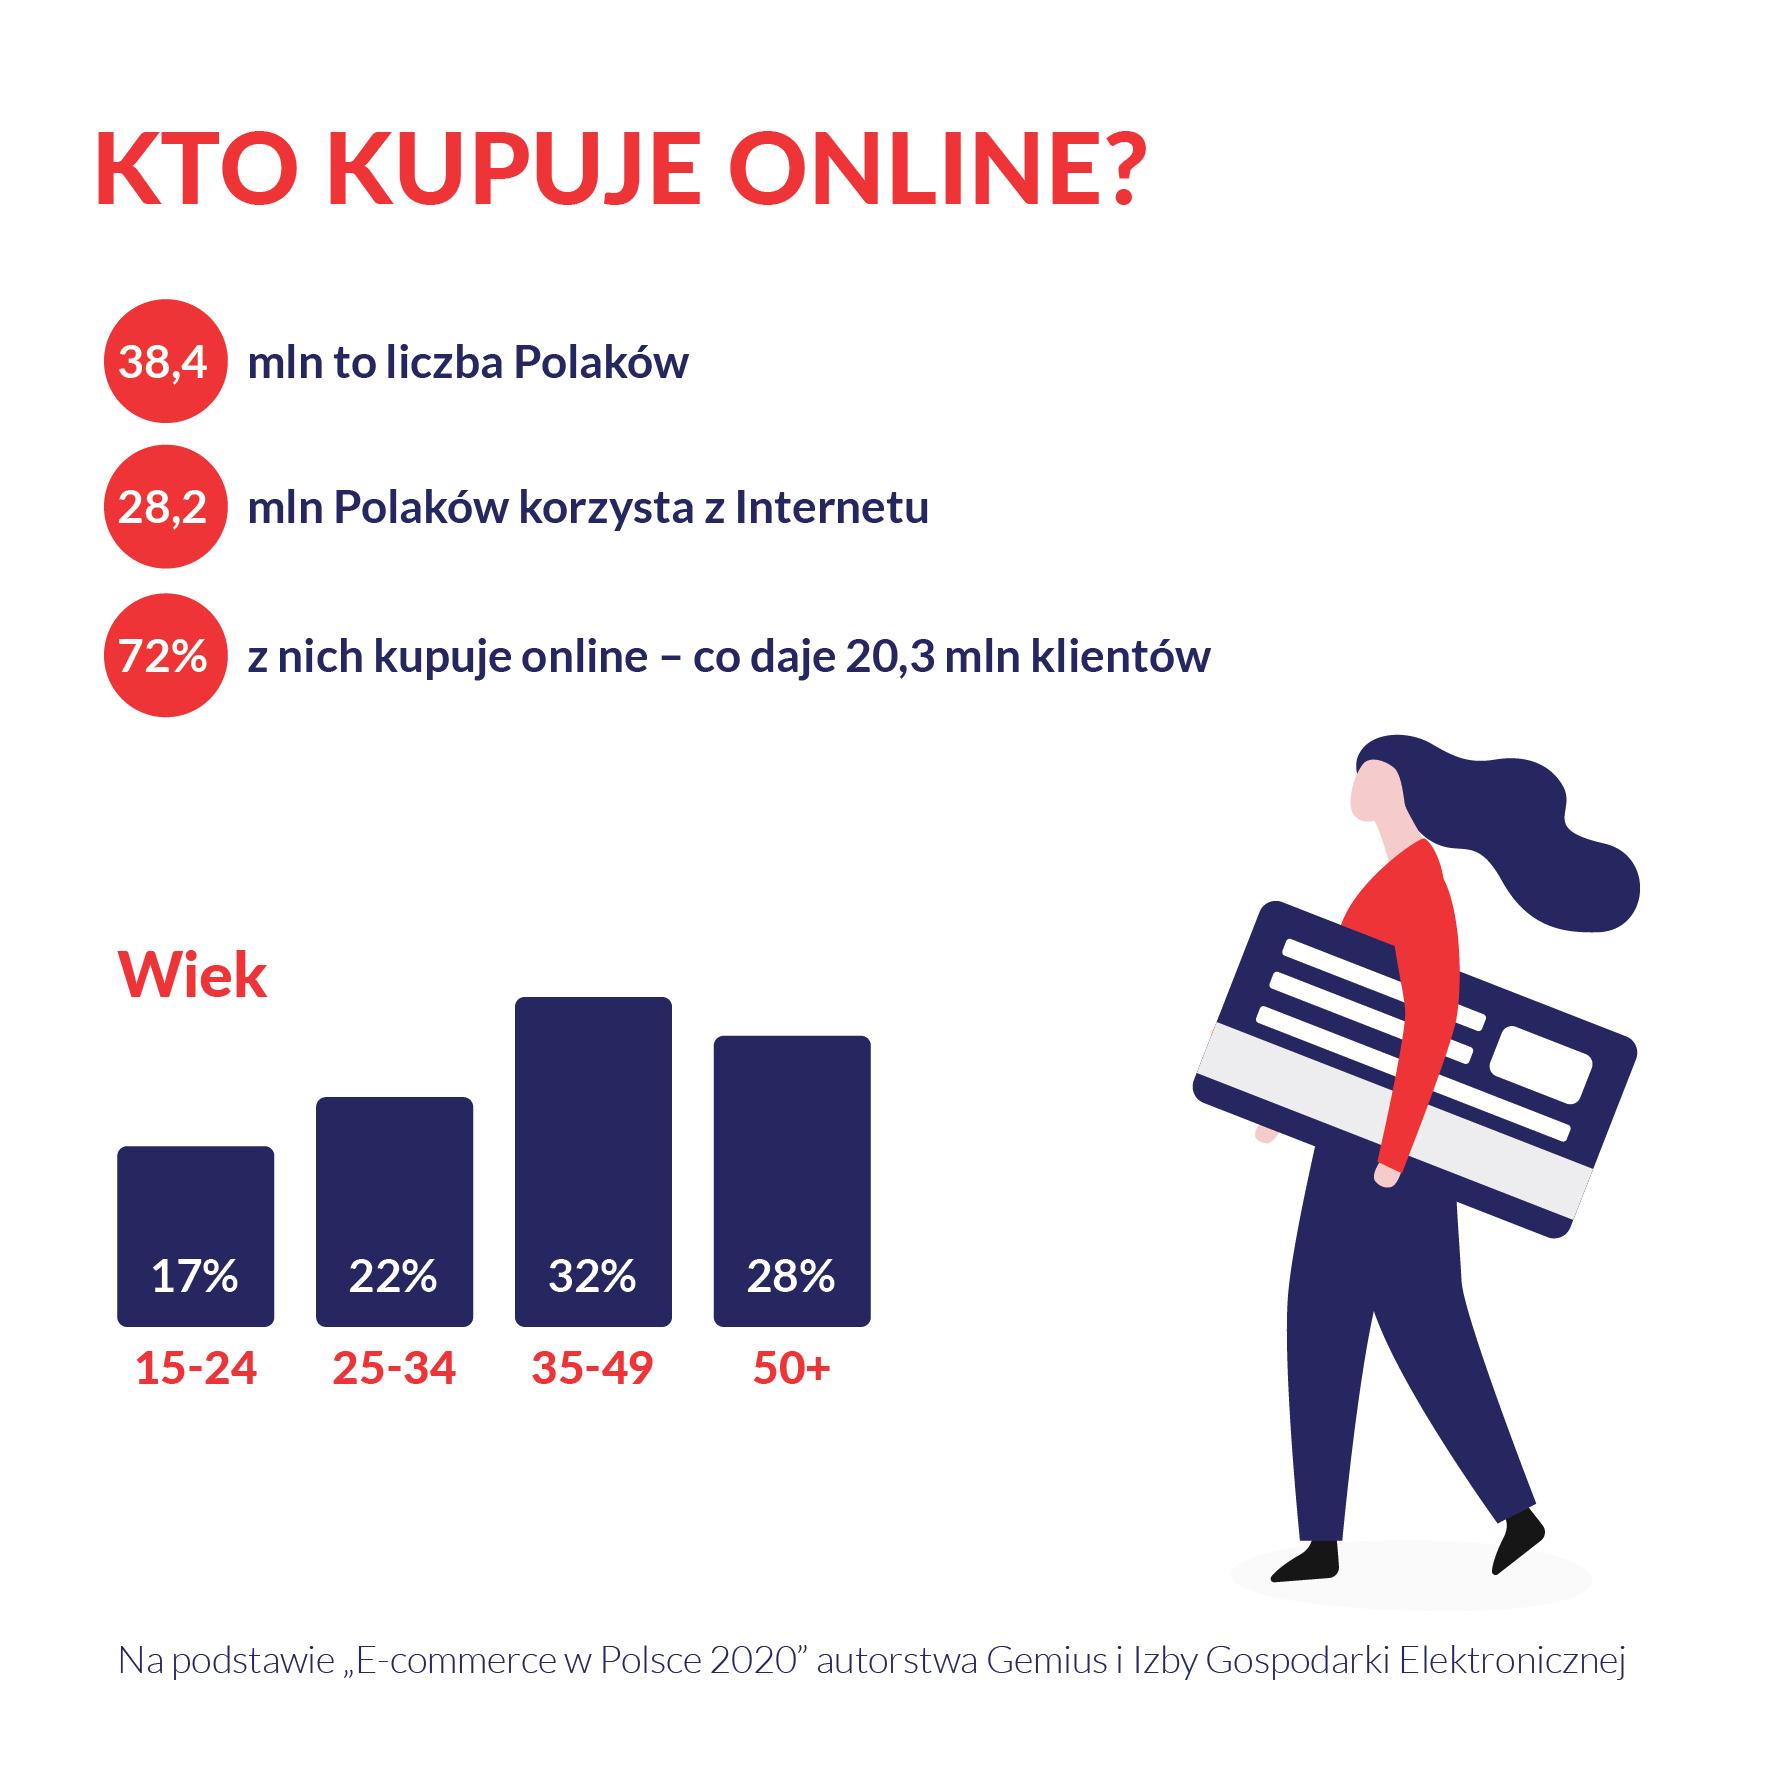 kto kupuje online